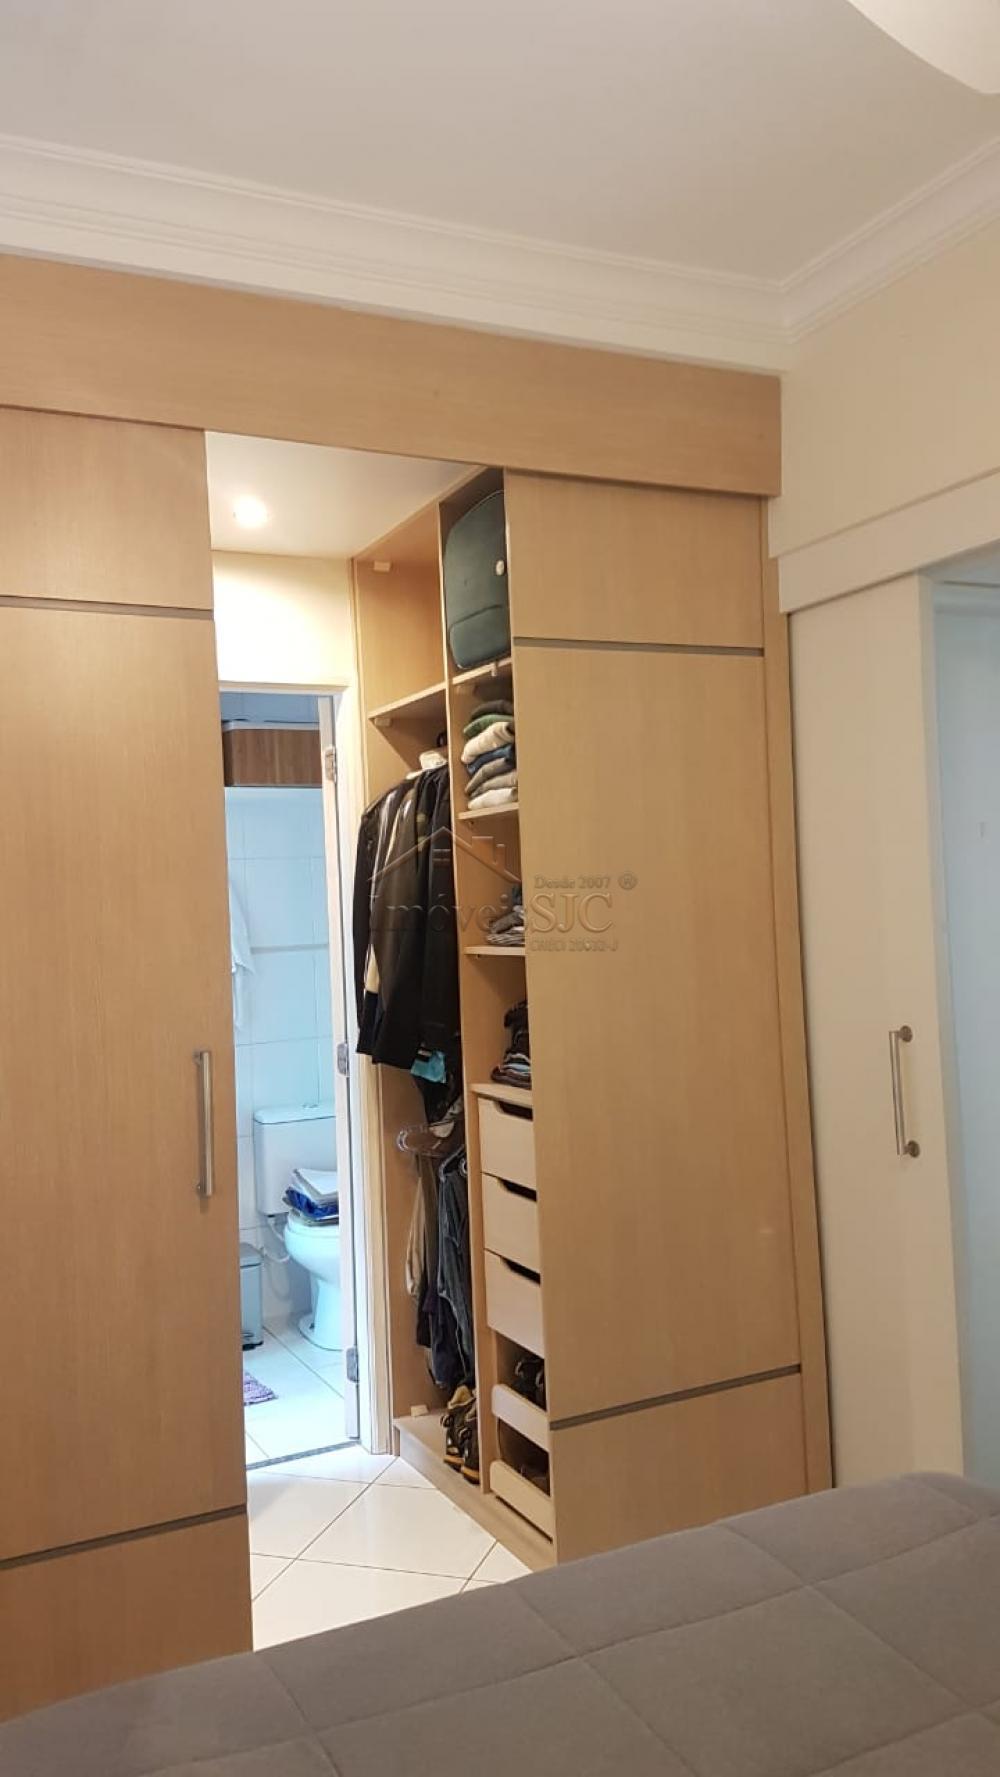 Comprar Apartamentos / Padrão em São José dos Campos apenas R$ 385.000,00 - Foto 14